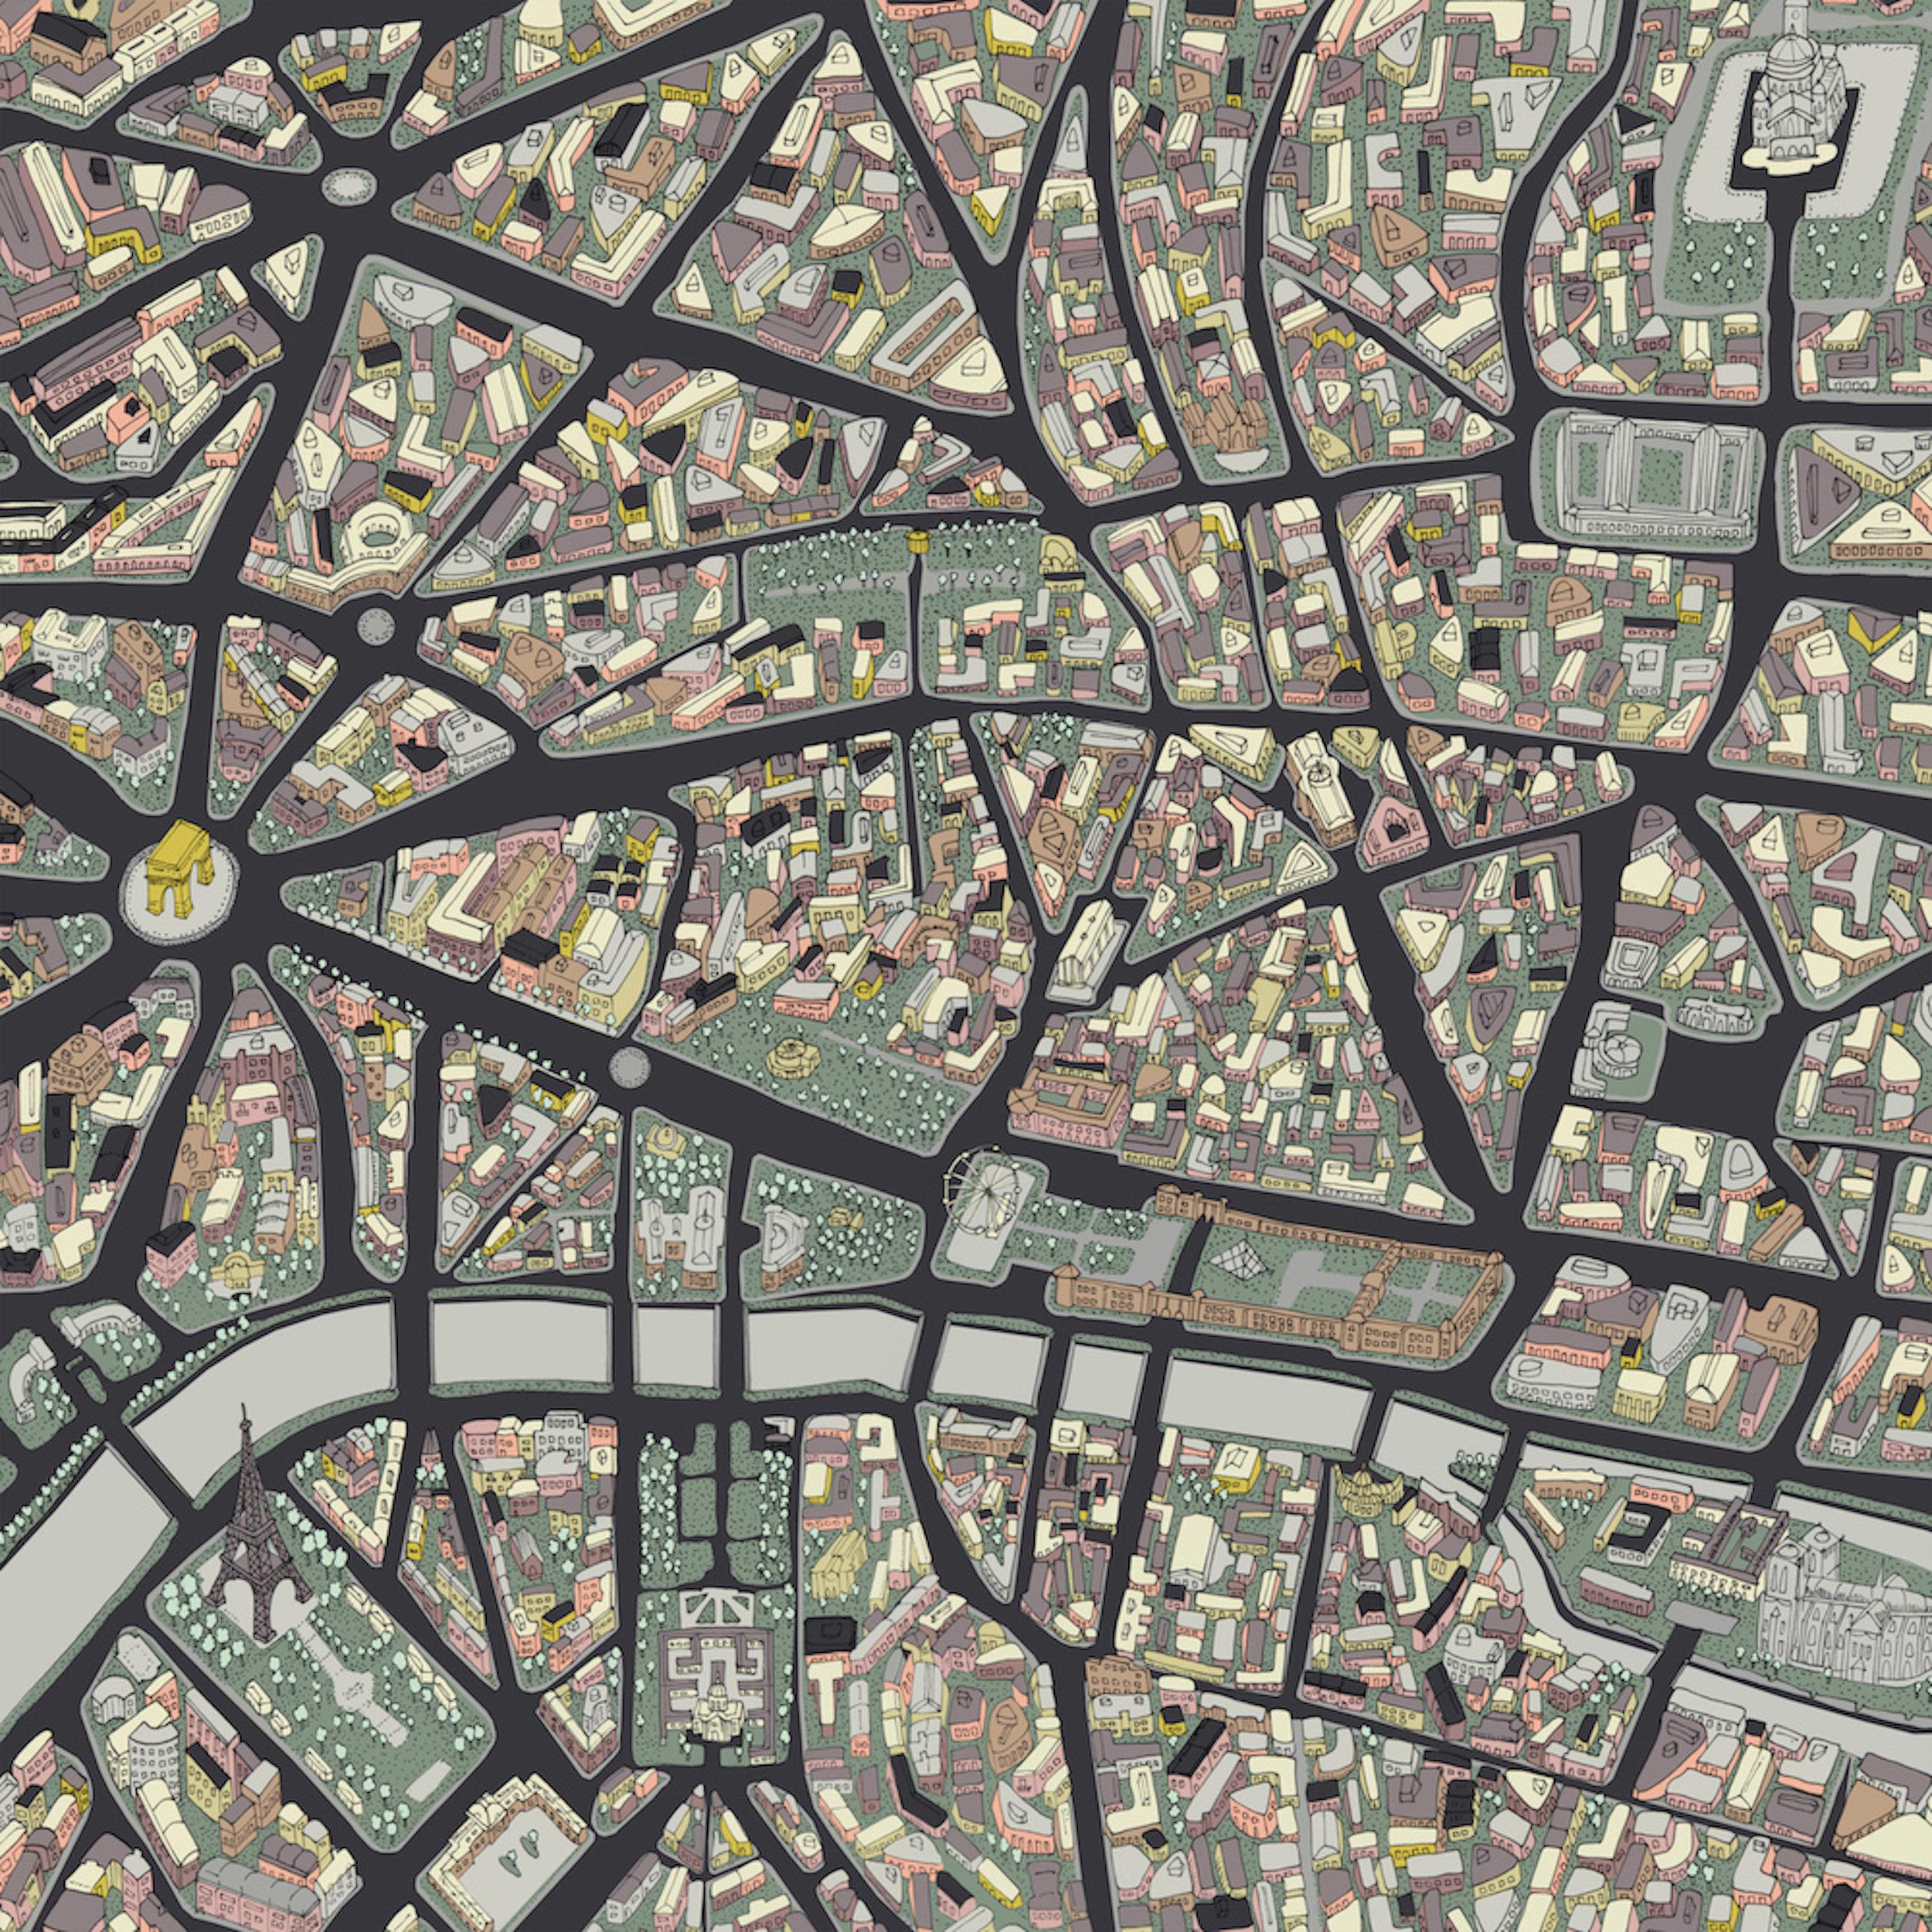 PARIS_MeganMcKeanScarf.jpg